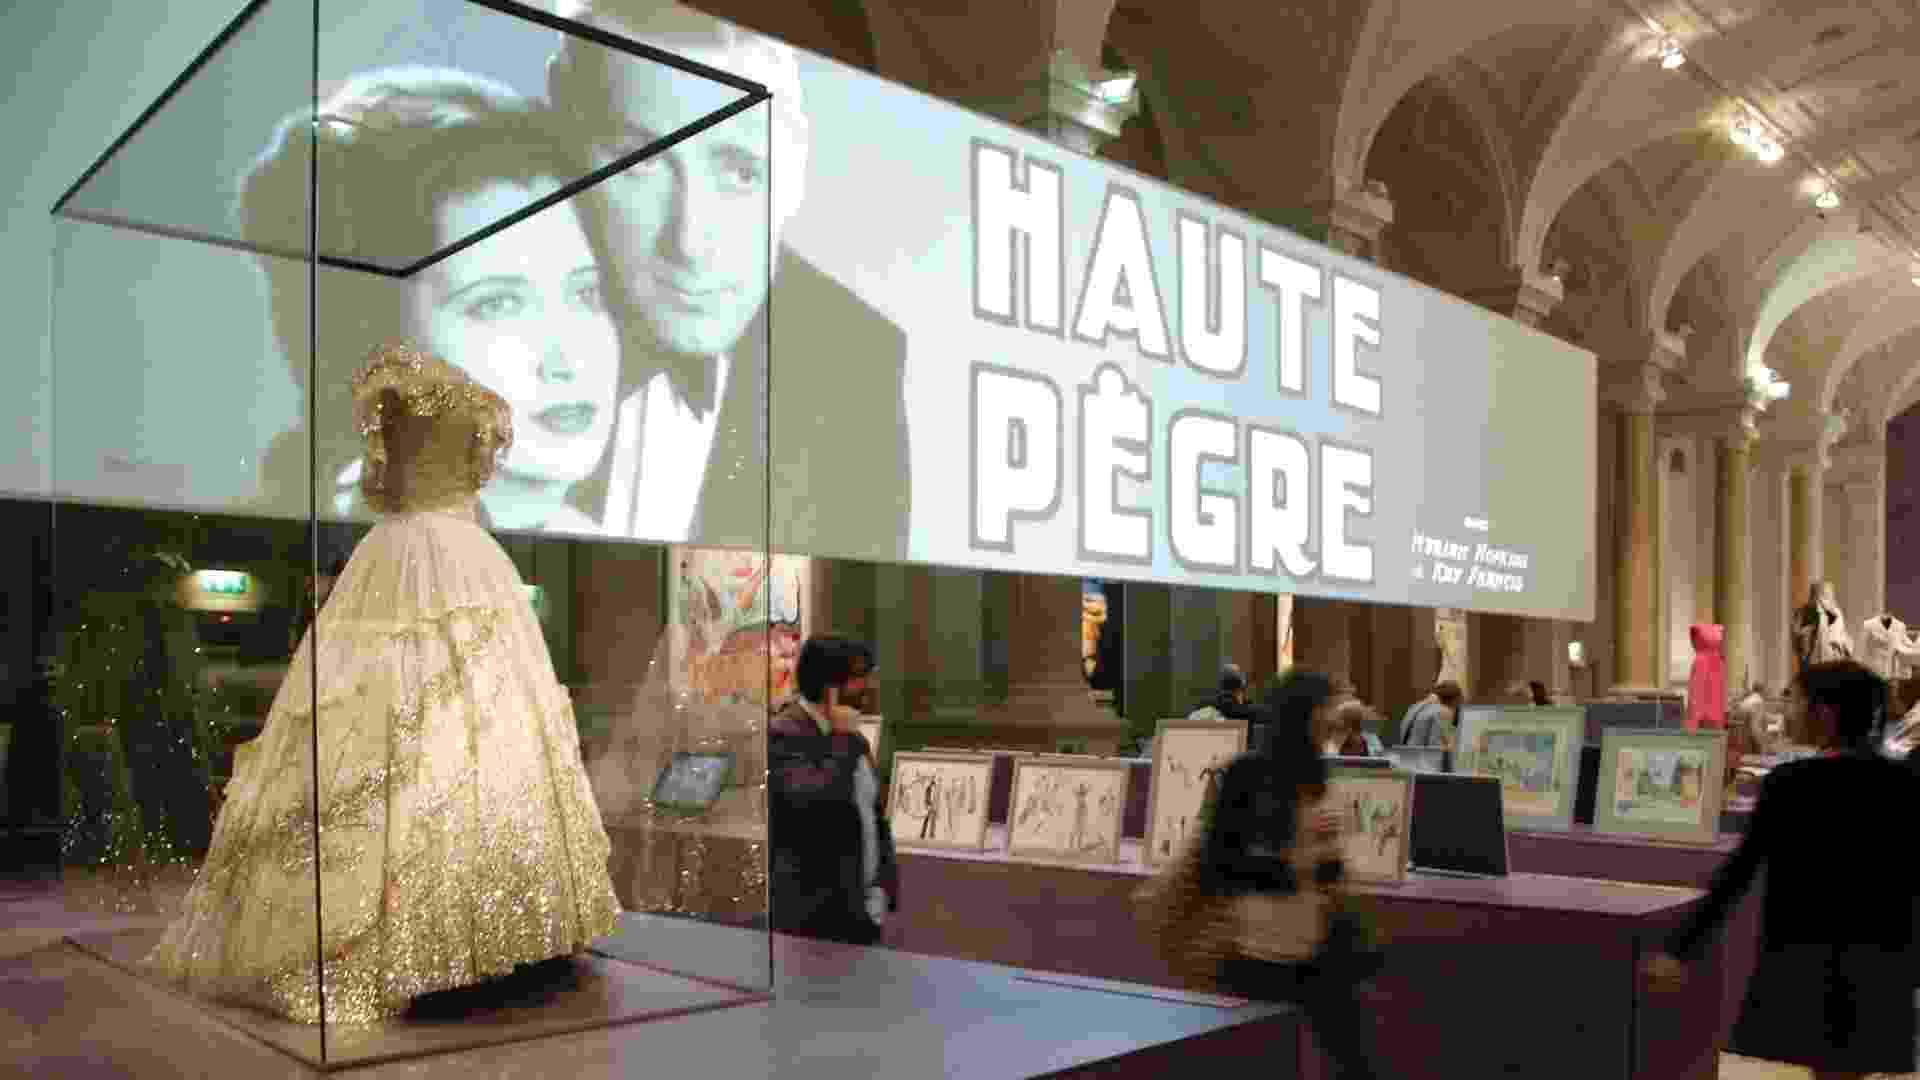 """A exposição """"Paris Vista por Hollywood"""" mostra o fascínio de Hollywood com Paris através de filmes, figurinos e cartazes. Paris já apareceu em filmes de Hollywood mais de 800 vezes desde 1900, tornando-se a cidade estrangeira mais exibida na indústria cinematográfica americana (17/9/12) - AFP PHOTO / MARTIN BUREAU"""